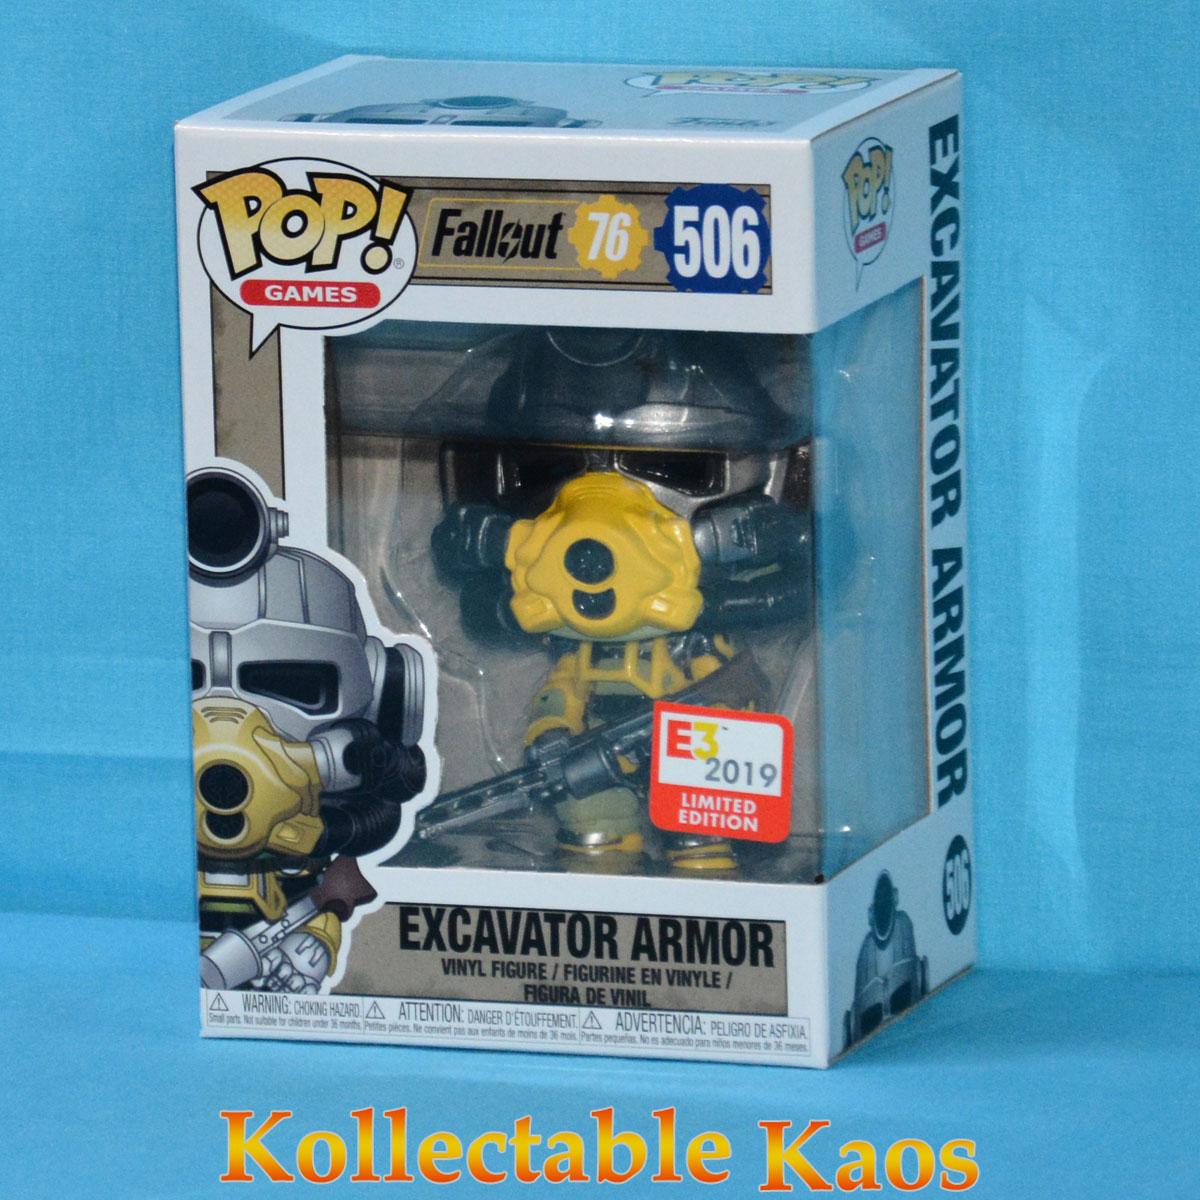 2019 E3 Convention Exclusive Funko Pop Excavator Armor #506 Fallout 76